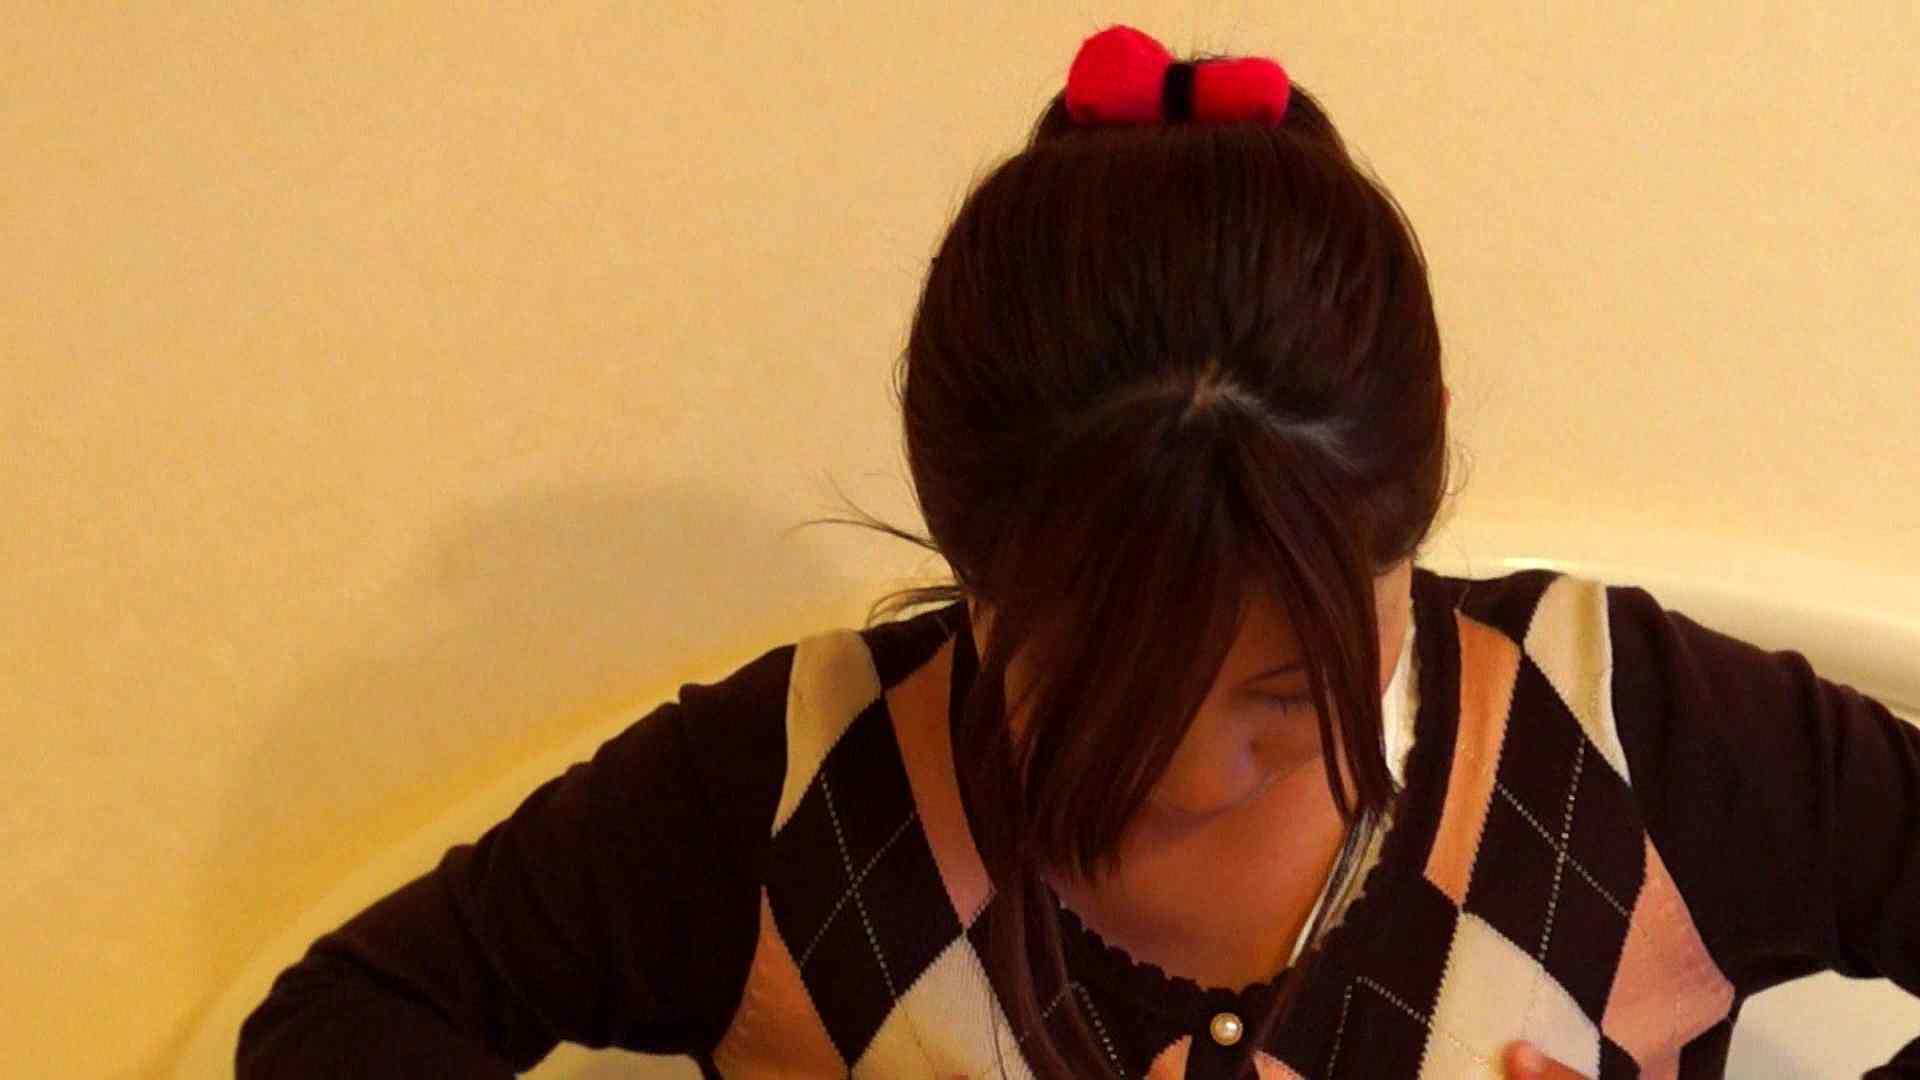 無修正エロ動画:vol.6 2回目の撮影!ガードの固い瑞希ちゃんにTKSさんが挑む:大奥